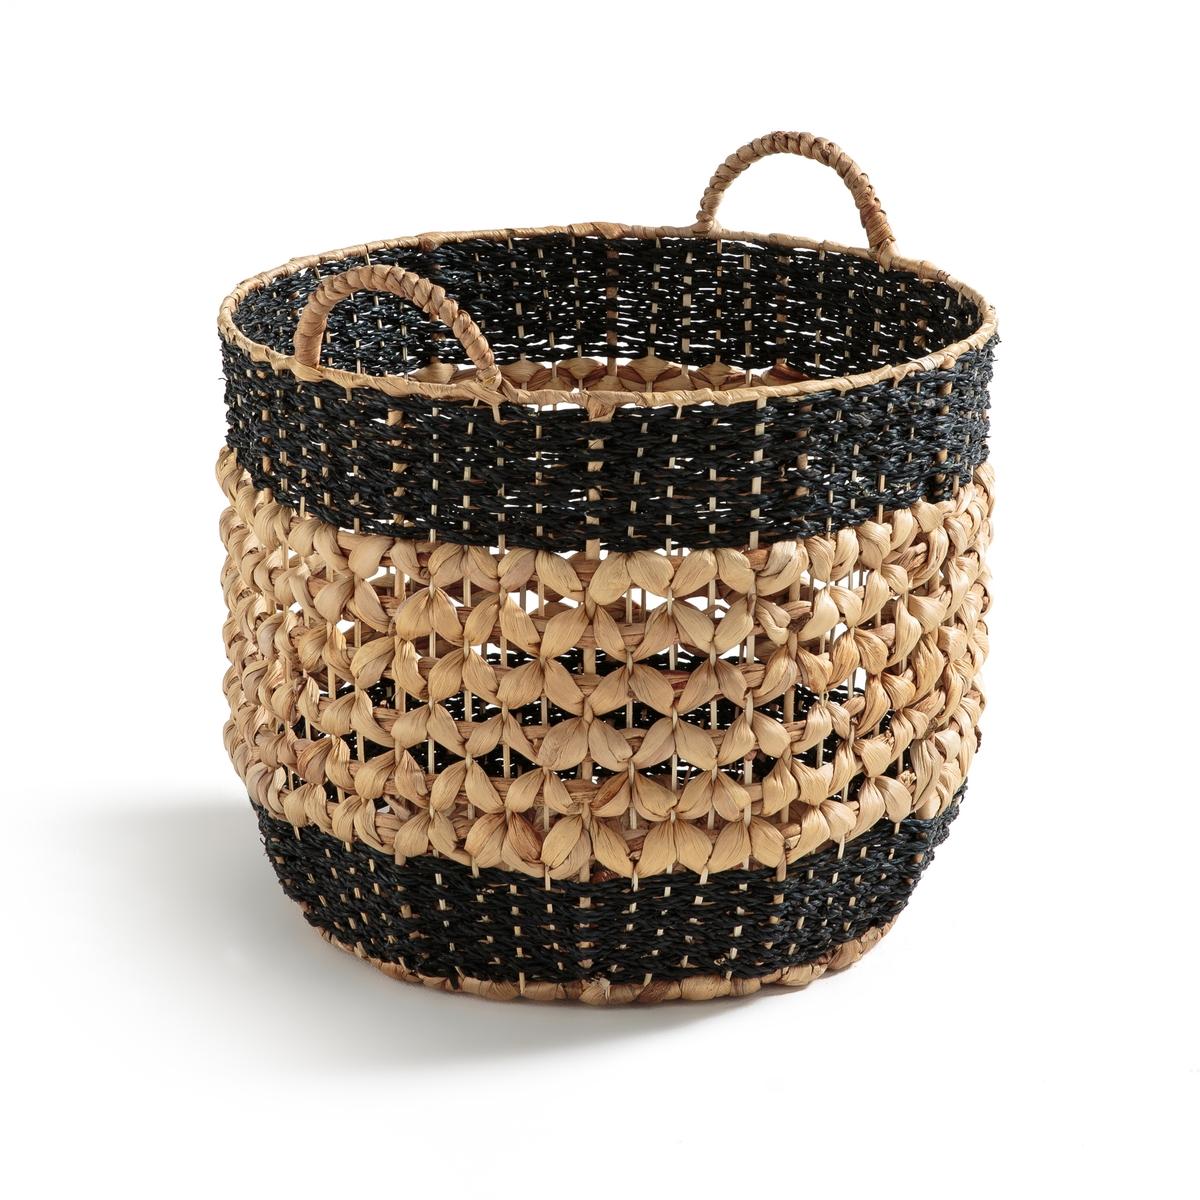 Корзина плетеная для хранения, В38 см, MANOLIОписание:Плетеная корзина для хранения MANOLI. Изготовленная из натурального и легкого в транспортировке материала, эта корзина отличается особой практичностью.Характеристики корзины MANOLI :Из плетеного водного гиацинта, металлический каркас с 2 ручками, круглая формаРазмеры корзины MANOLI :Диаметр : 40 см Высота : 38 см<br><br>Цвет: черный/ экрю